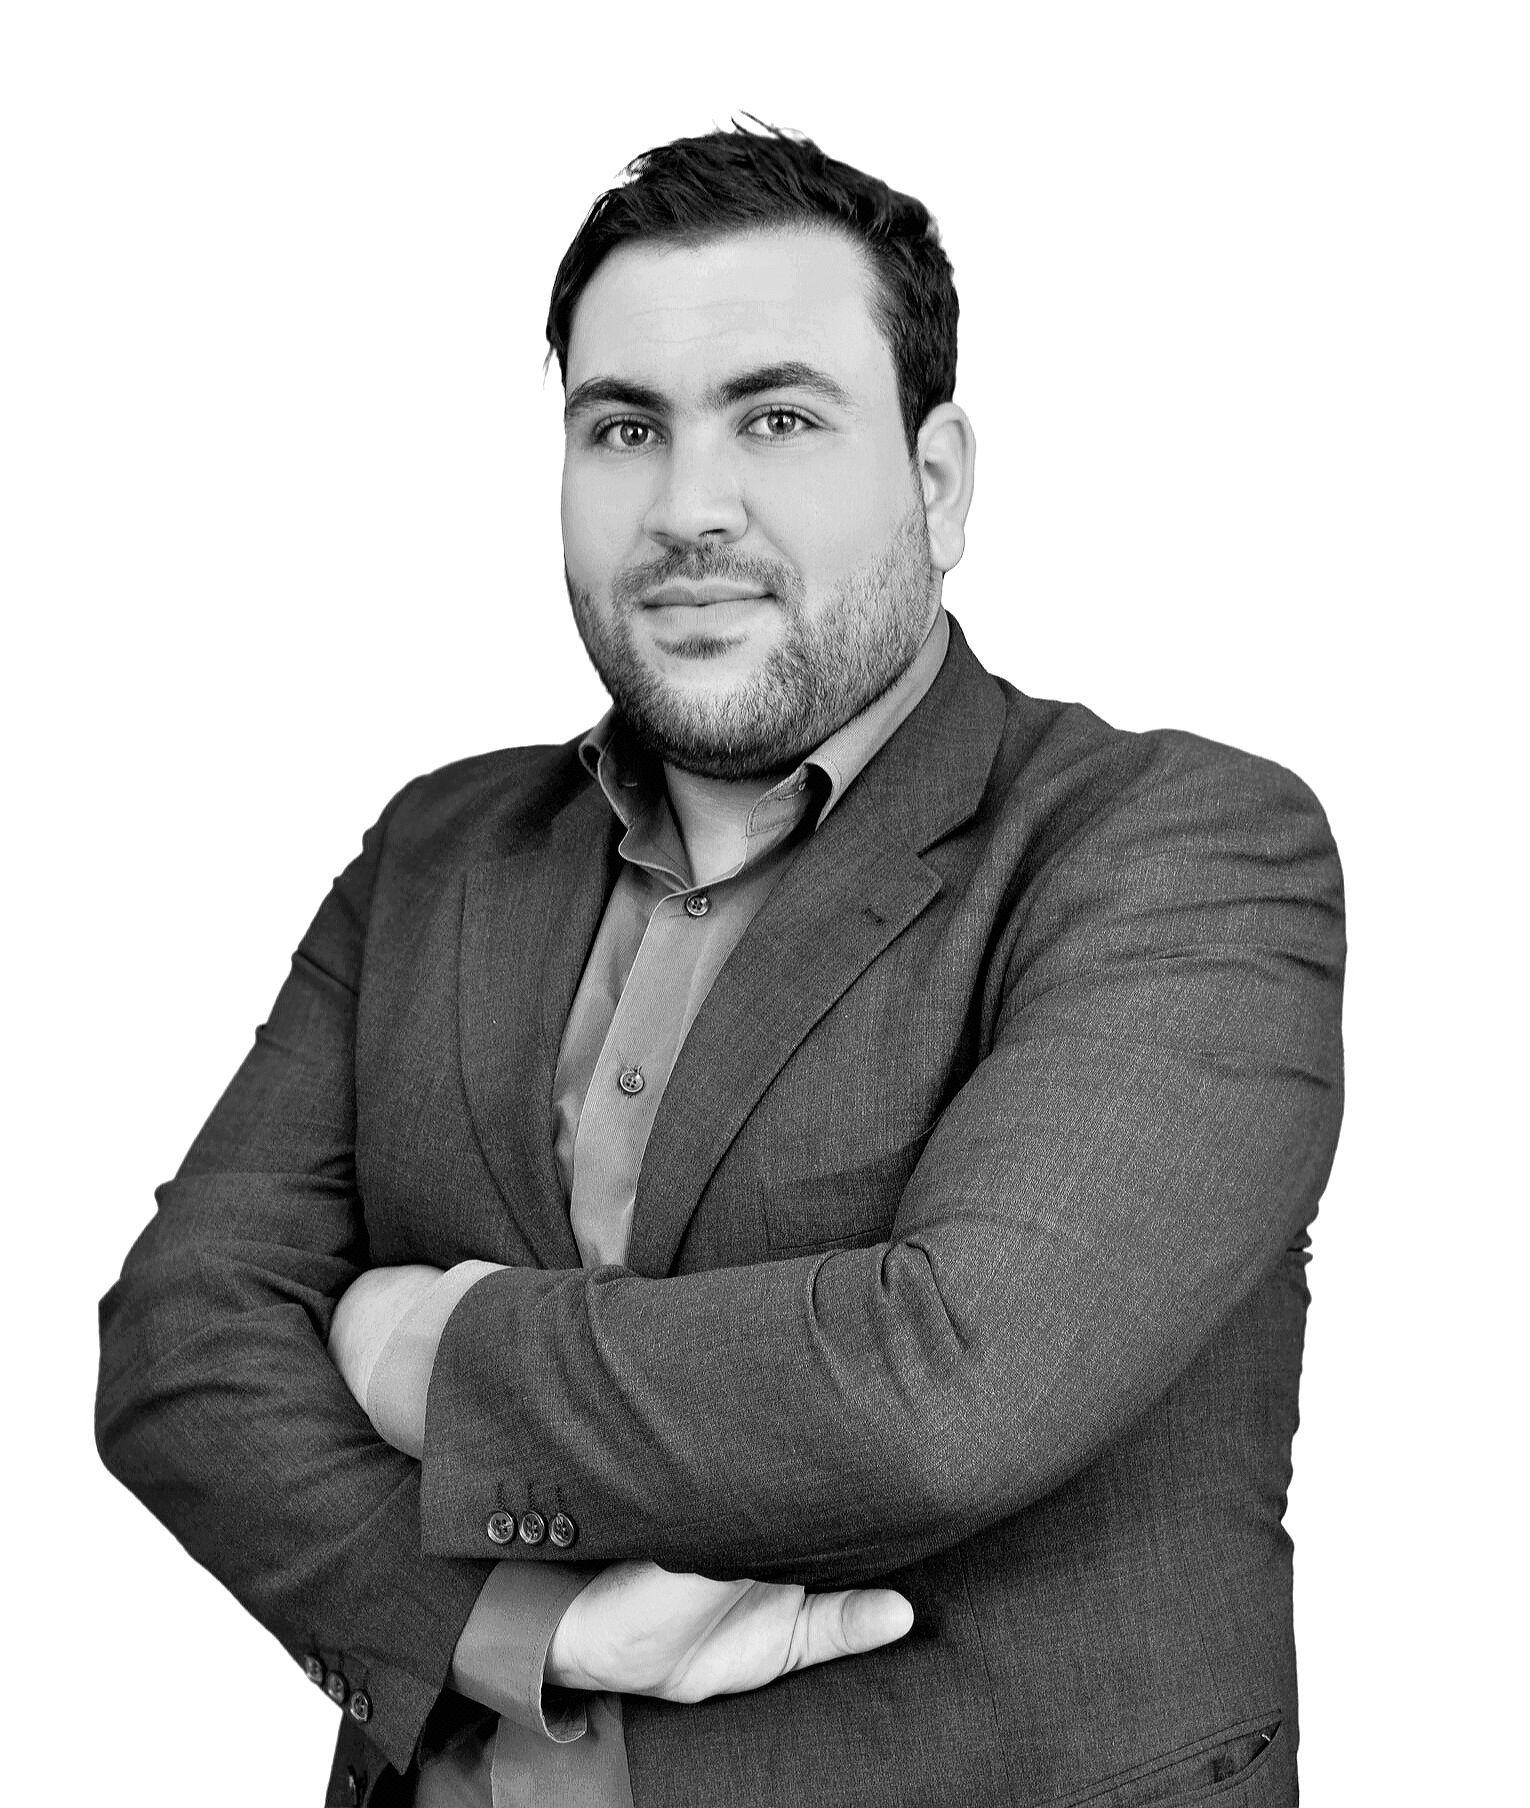 علاء الدين مديني Headshot